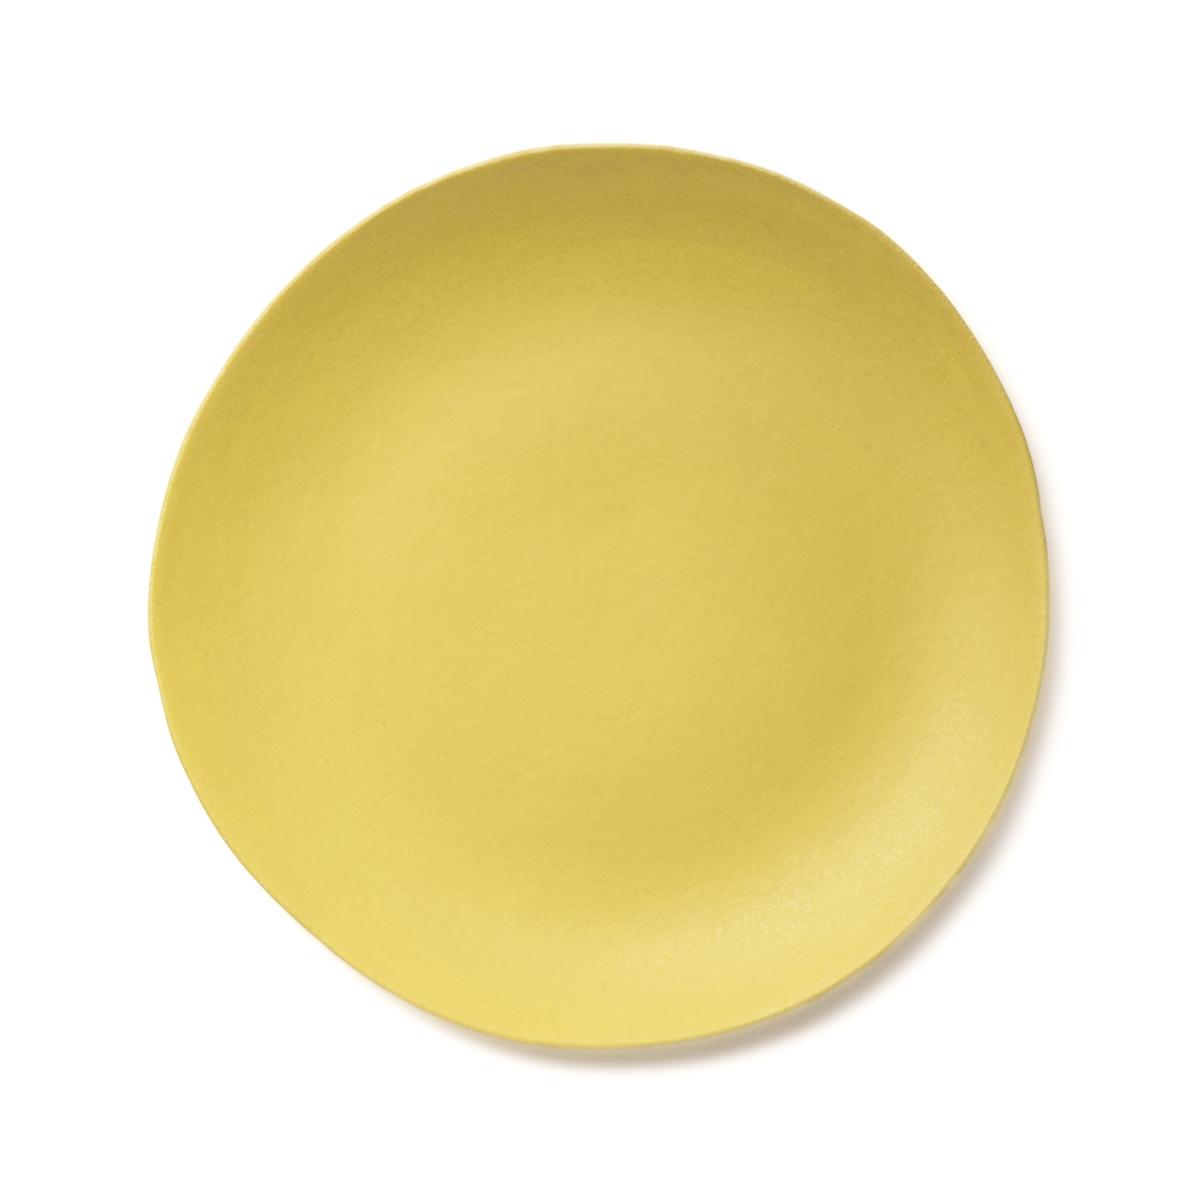 Тарелка La Redoute Десертная из керамики покрытой глазурью Aoki единый размер желтый тарелка la redoute плоская из керамики sanna единый размер каштановый